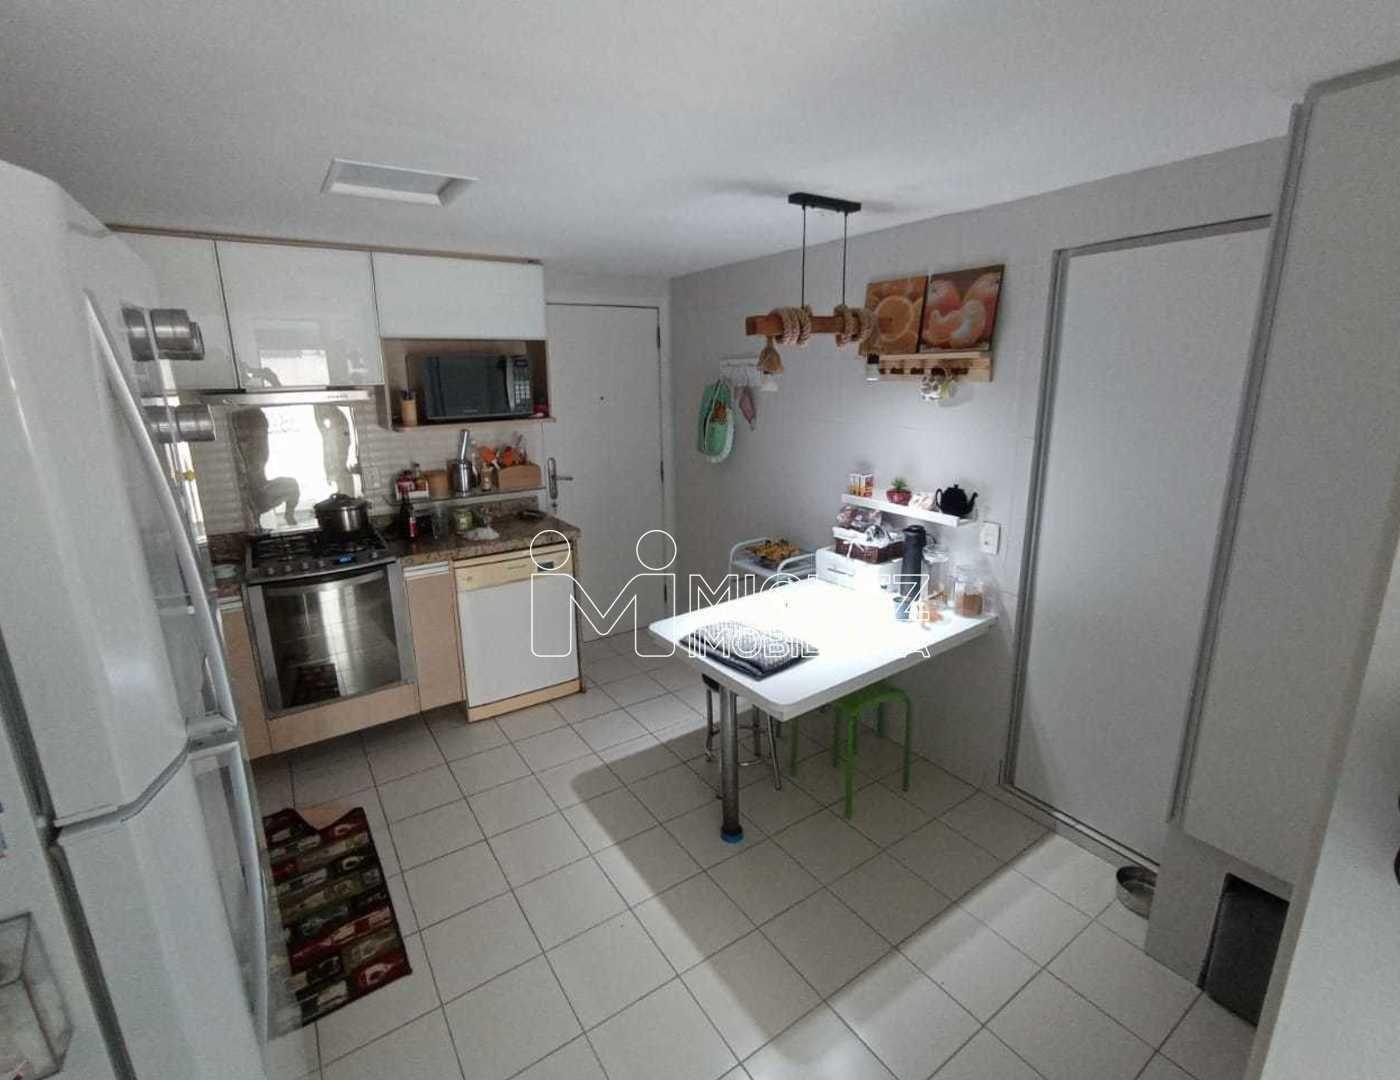 Apartamento, aluguel, Rua Félix da Cunha - Tijuca , Rio de janeiro